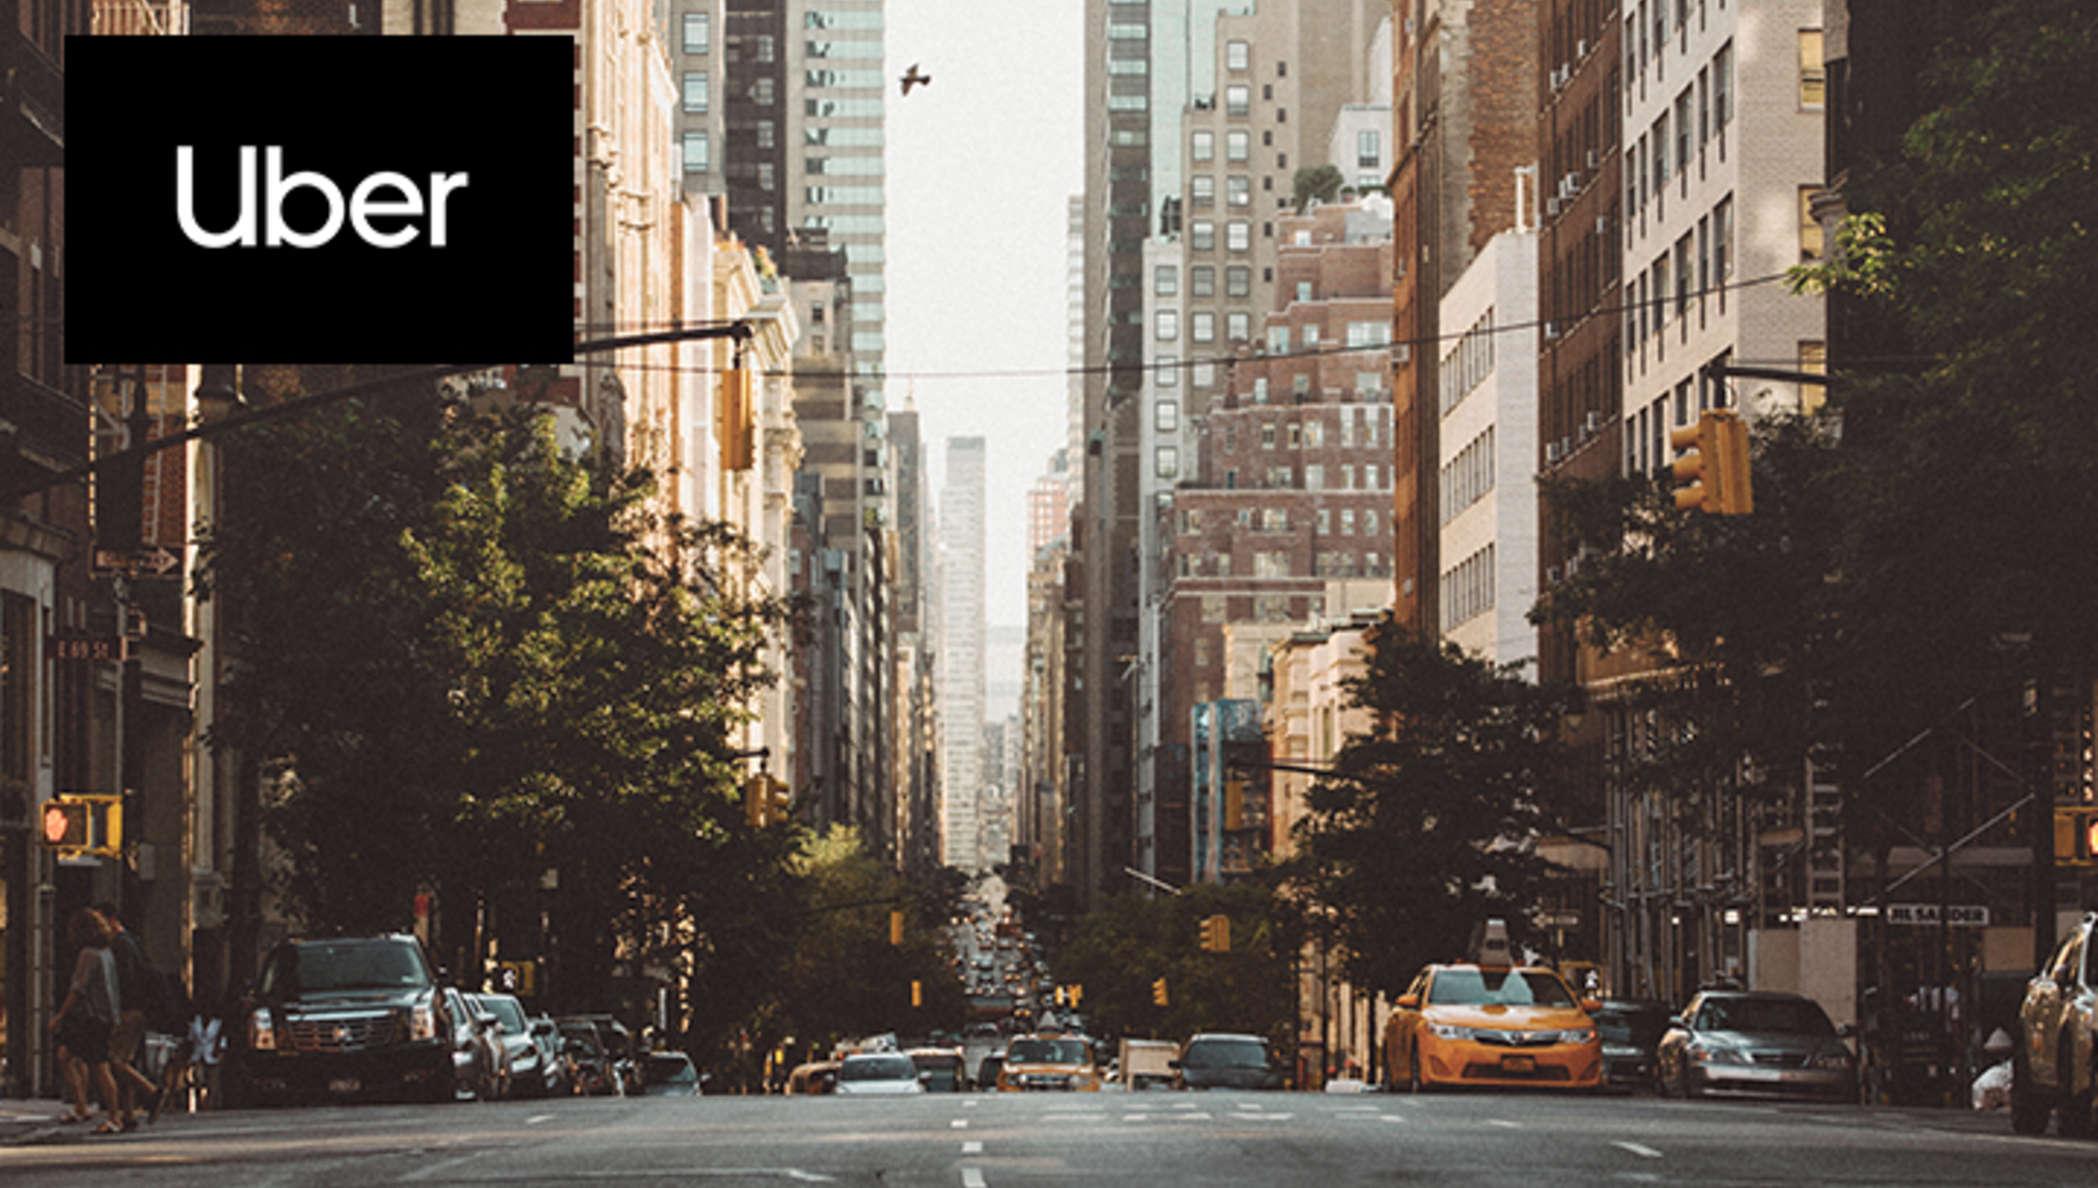 Logo Uber sur une image de circulation de voitures dans la rue